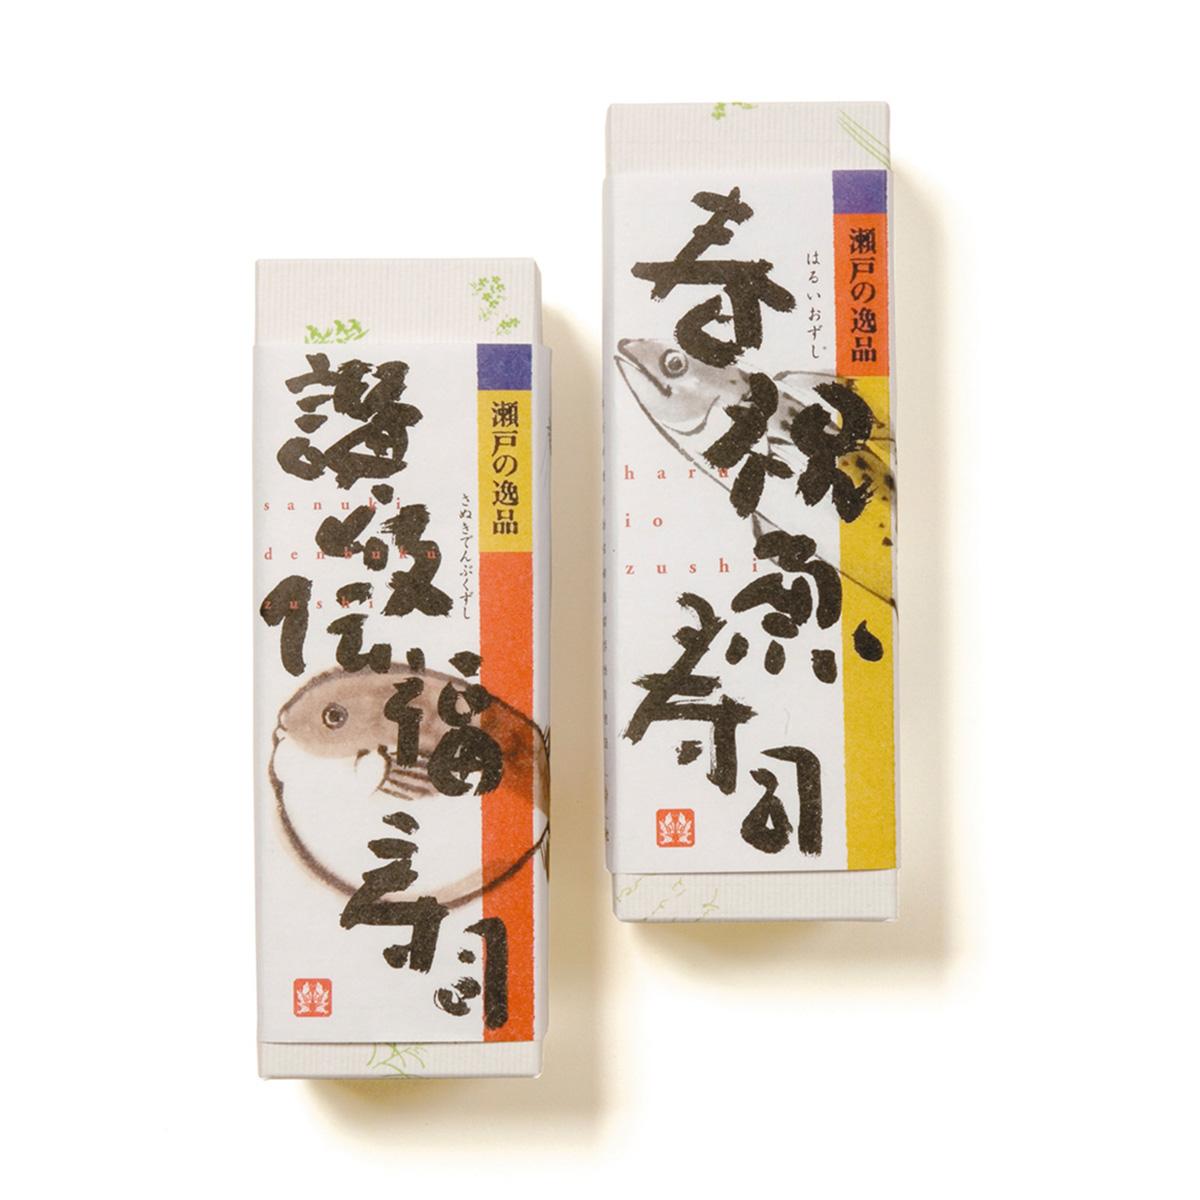 料亭二蝶 讃岐伝福寿司・春祝魚寿司 パッケージ